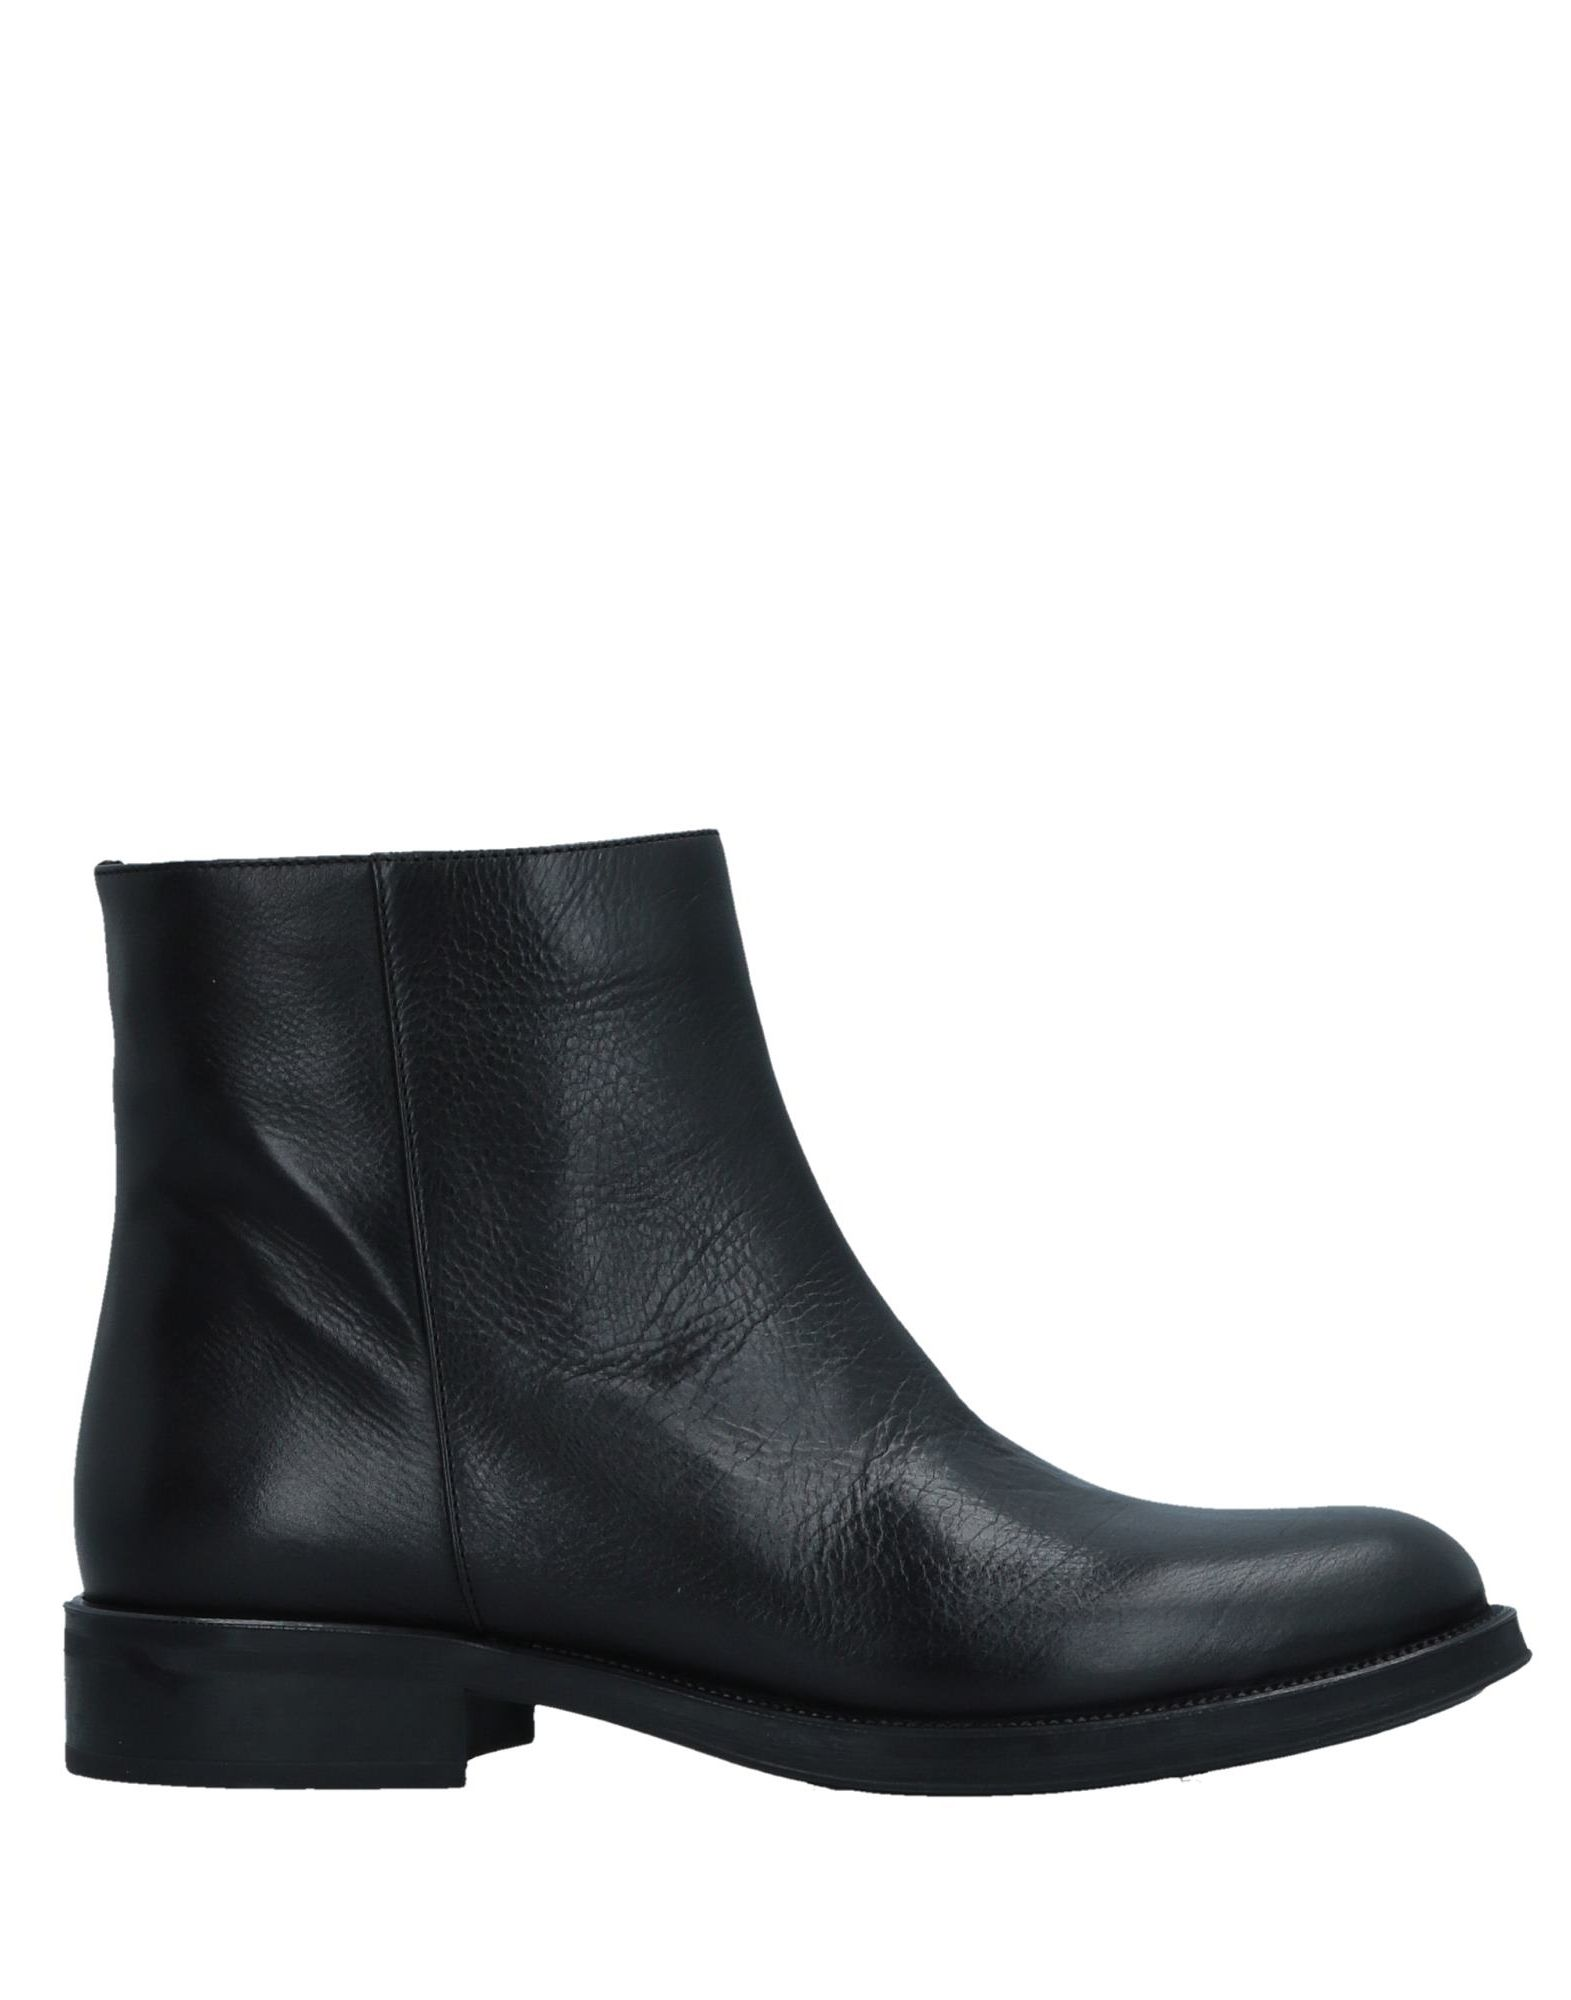 Rabatt Damen Schuhe F.Lli Bruglia Stiefelette Damen Rabatt  11518001OK 2b6db9